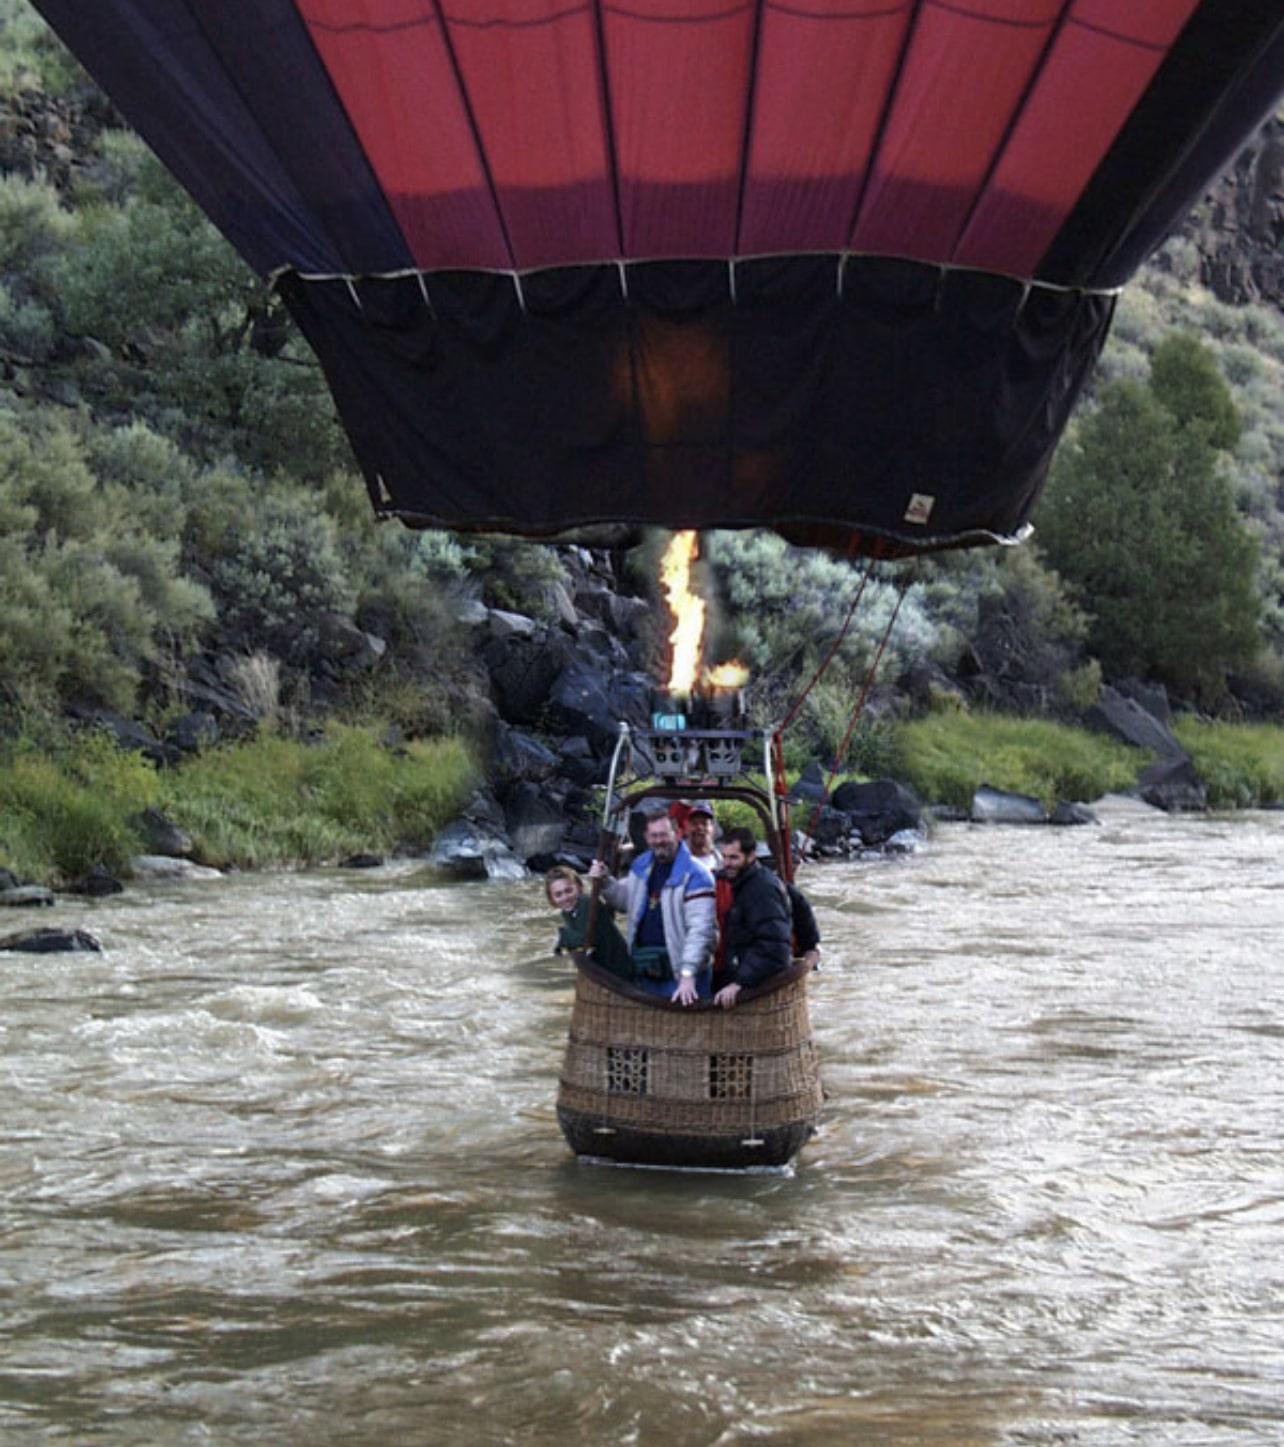 Hot air balloon splash and dash